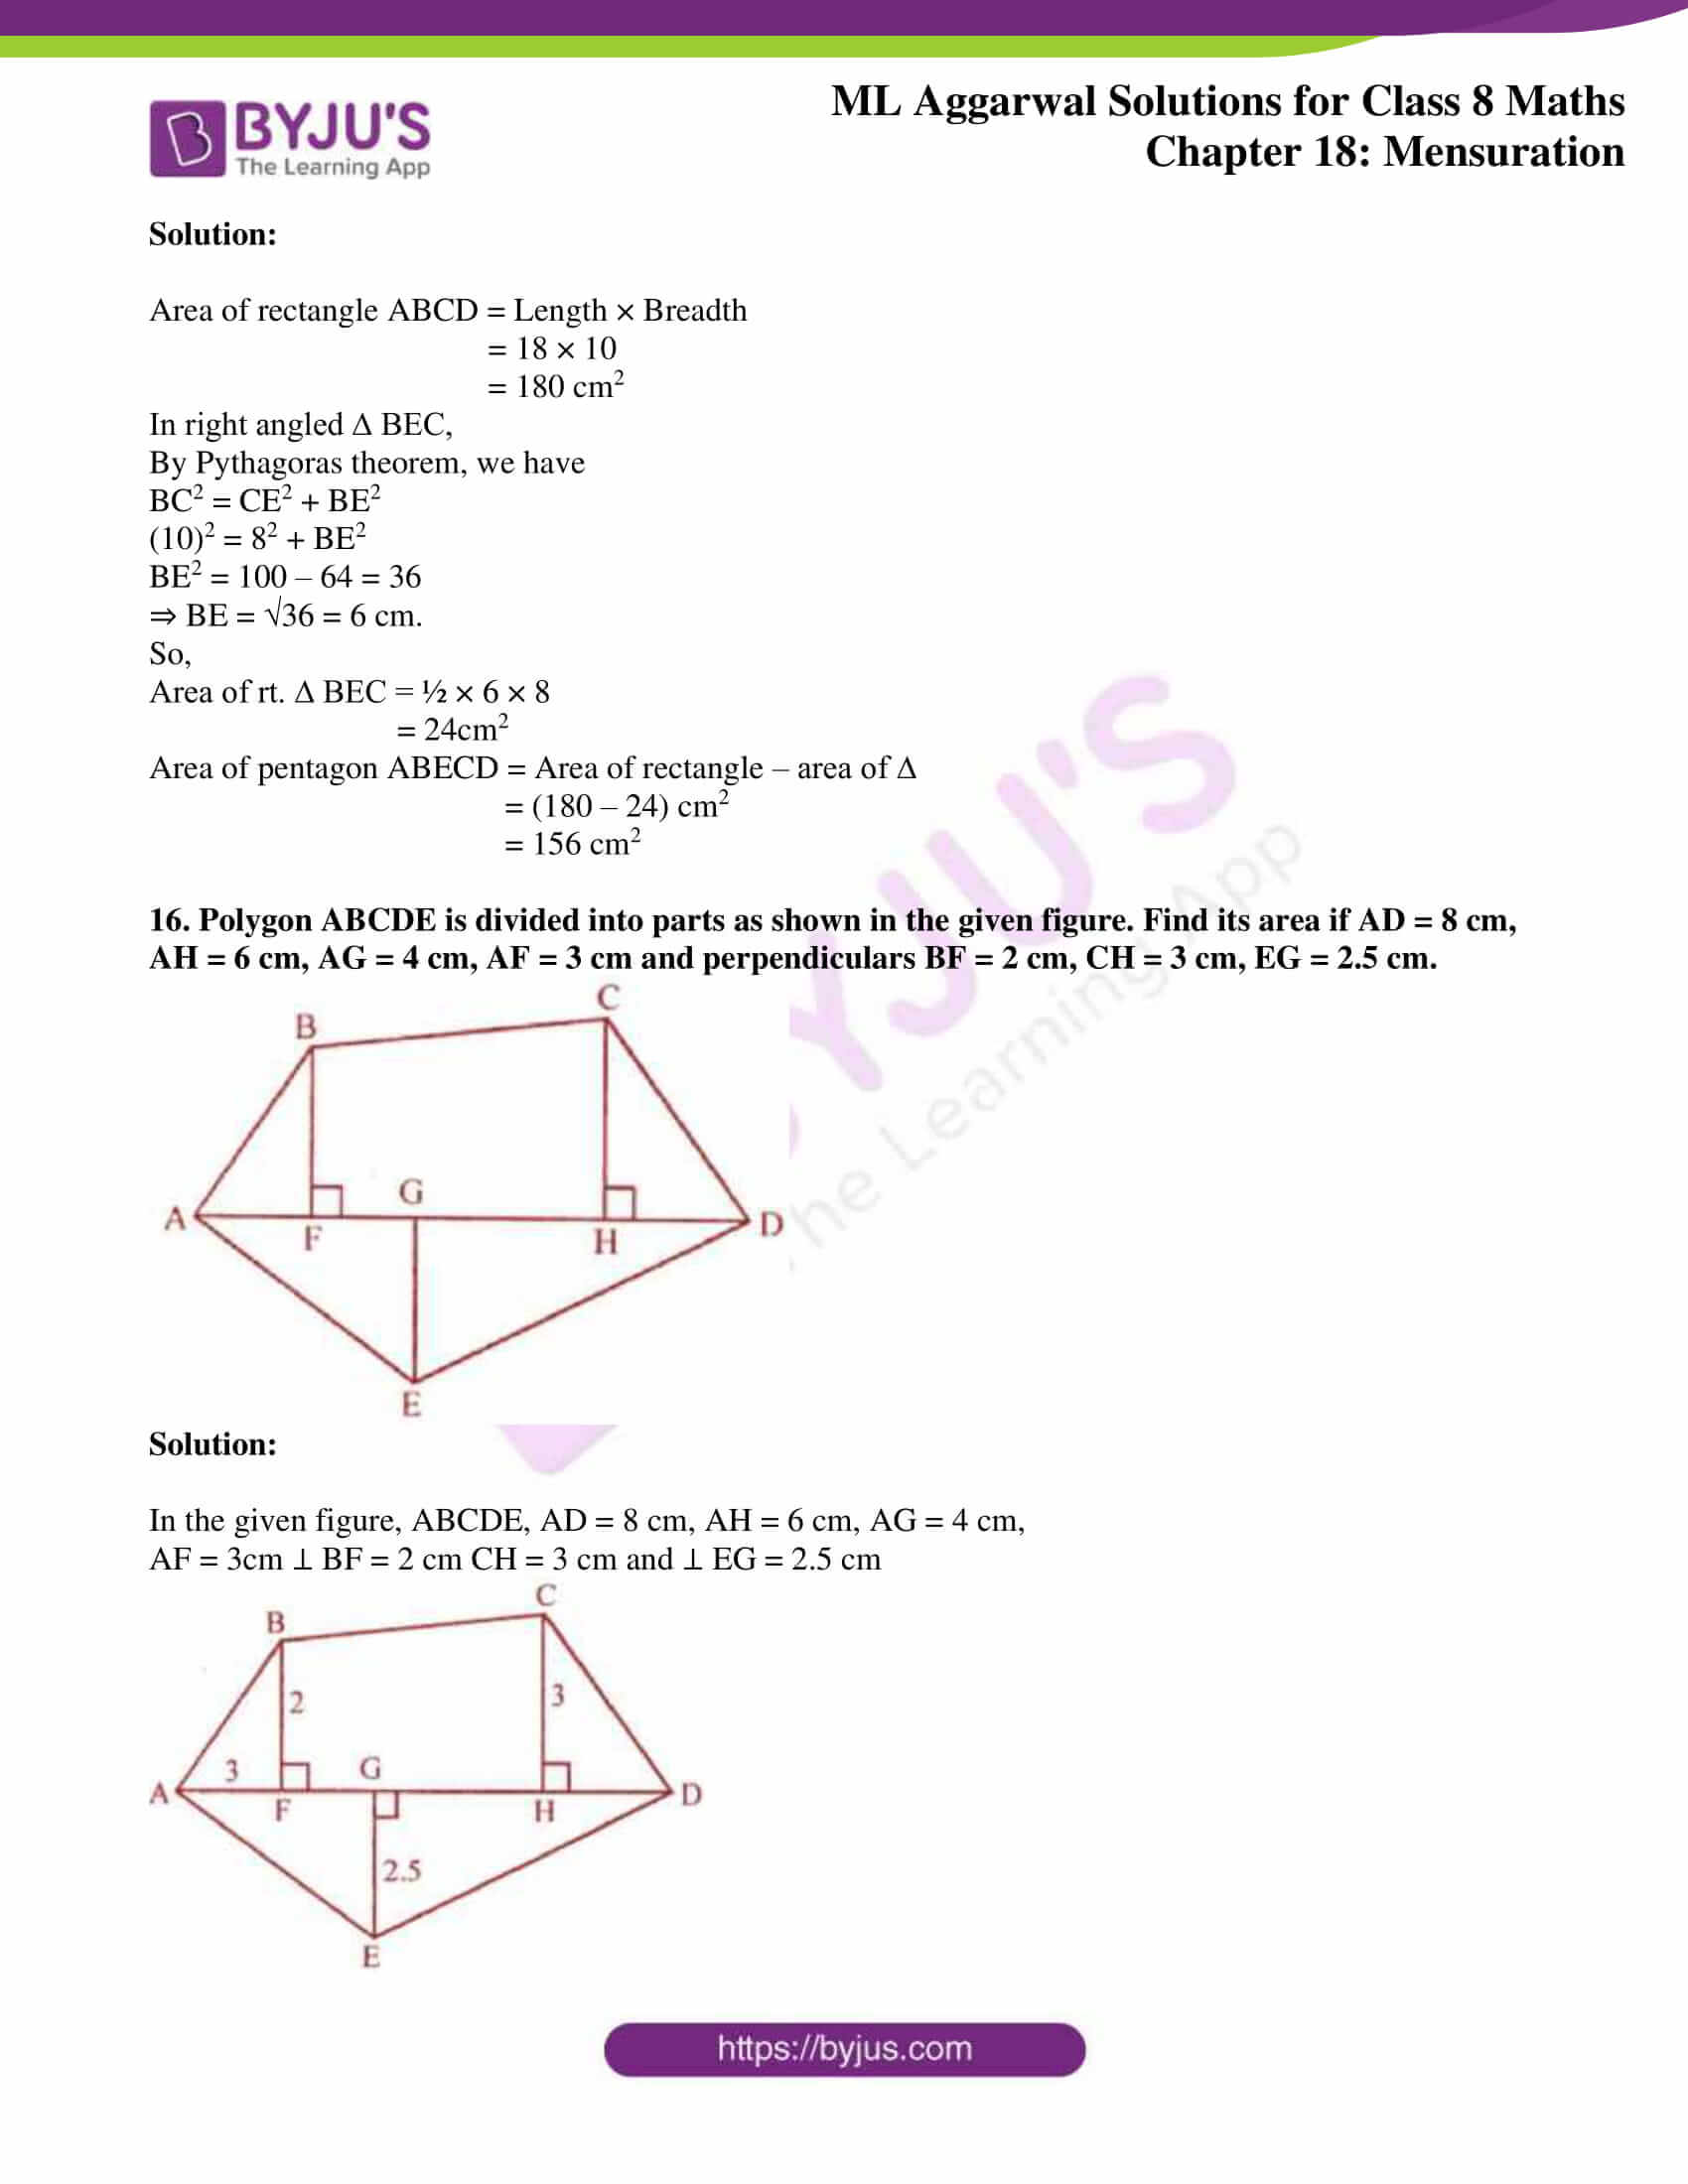 ml aggarwal sol mathematics class 8 ch 18 18